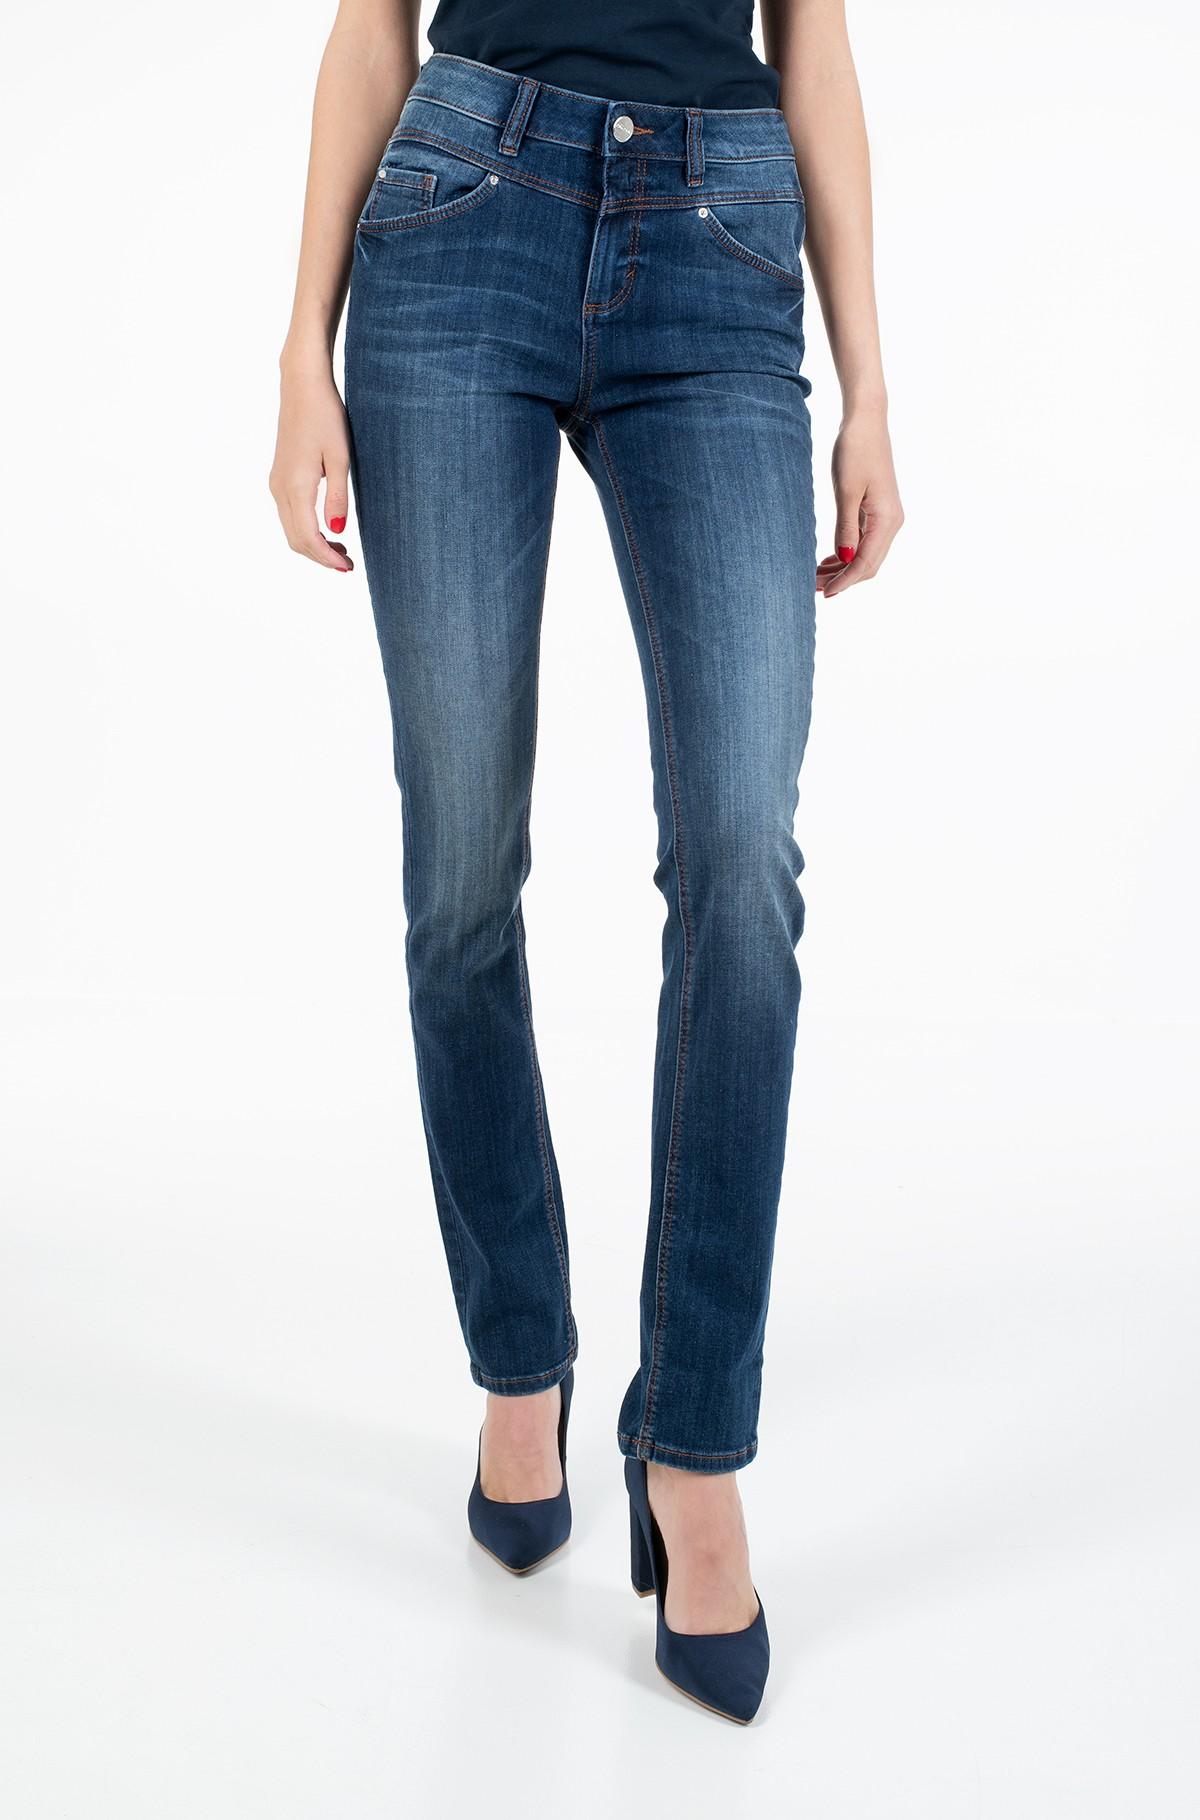 Jeans 1015355-full-1